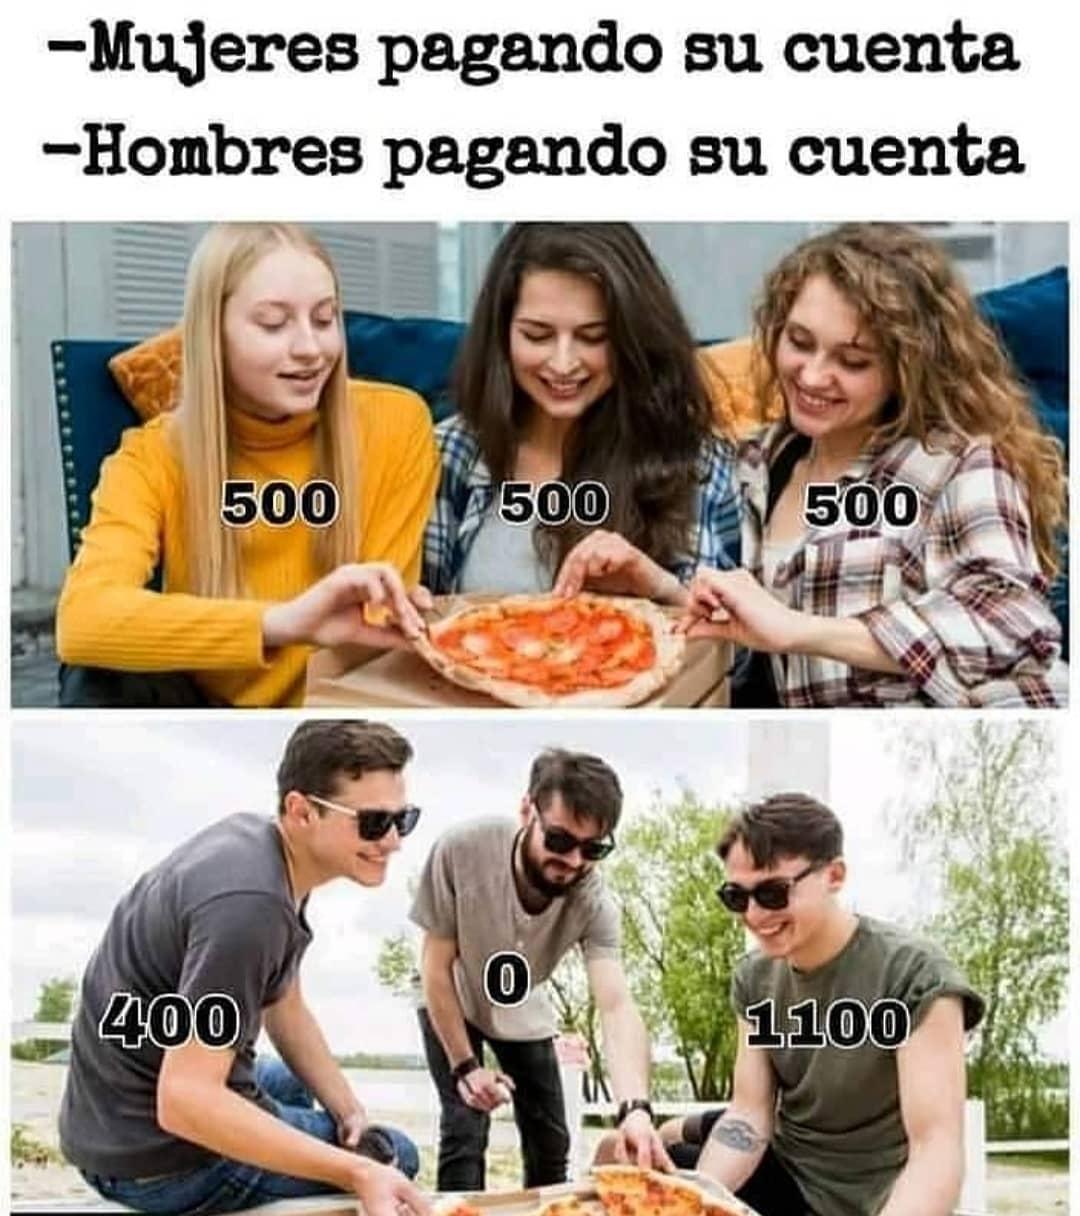 Mujeres pagando su cuenta: 500 500 500.  Hombres pagando su cuenta: 400 0 1100.